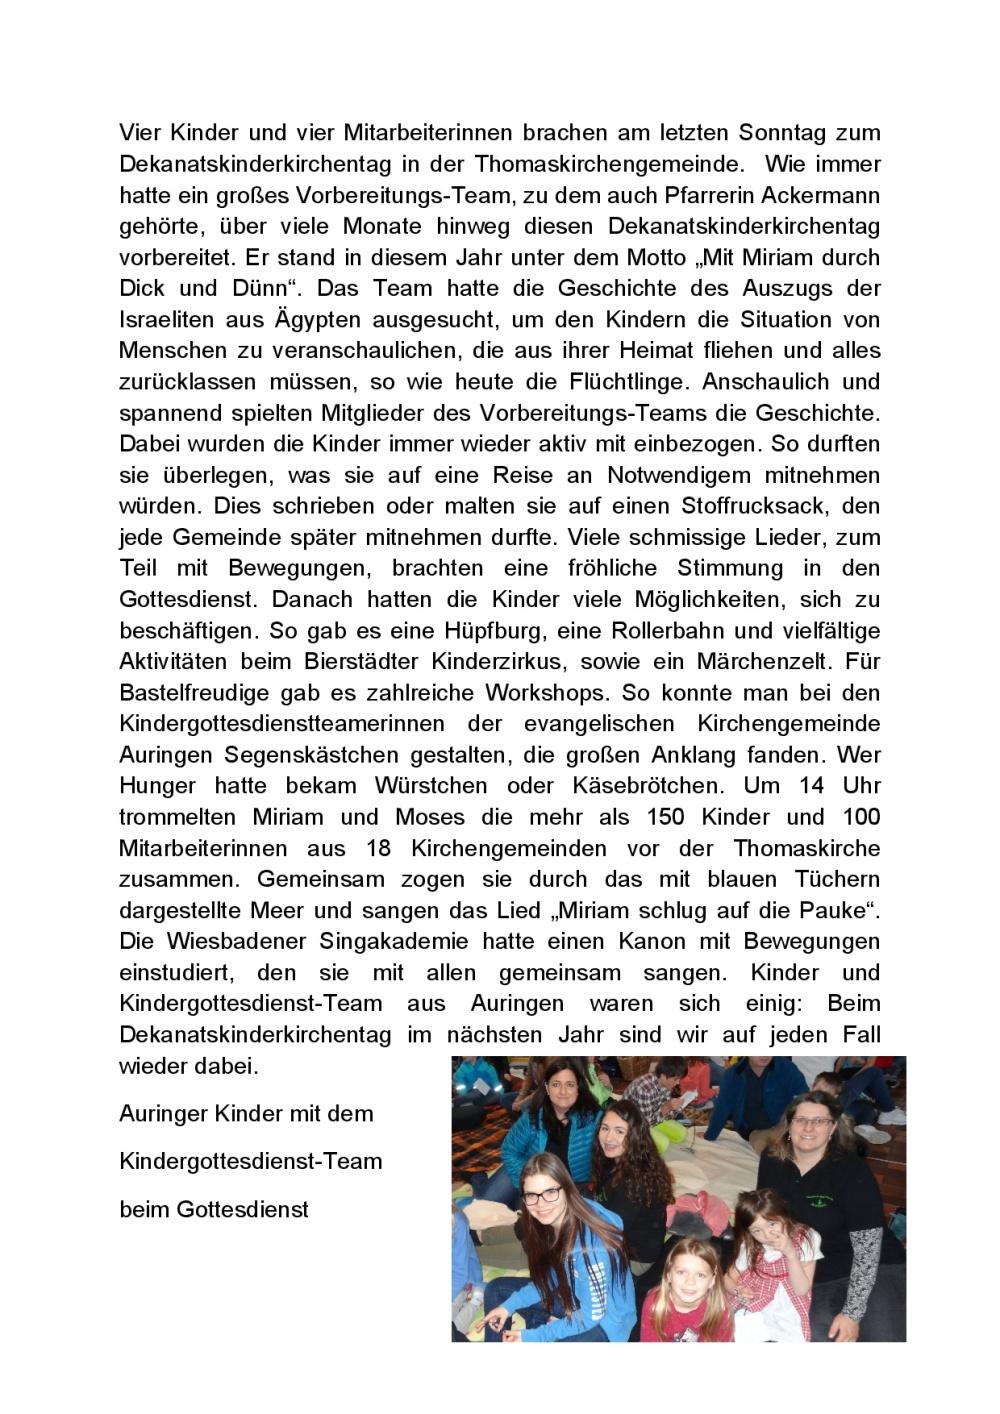 2016-04-17-dekanatskinderkirchentag-001